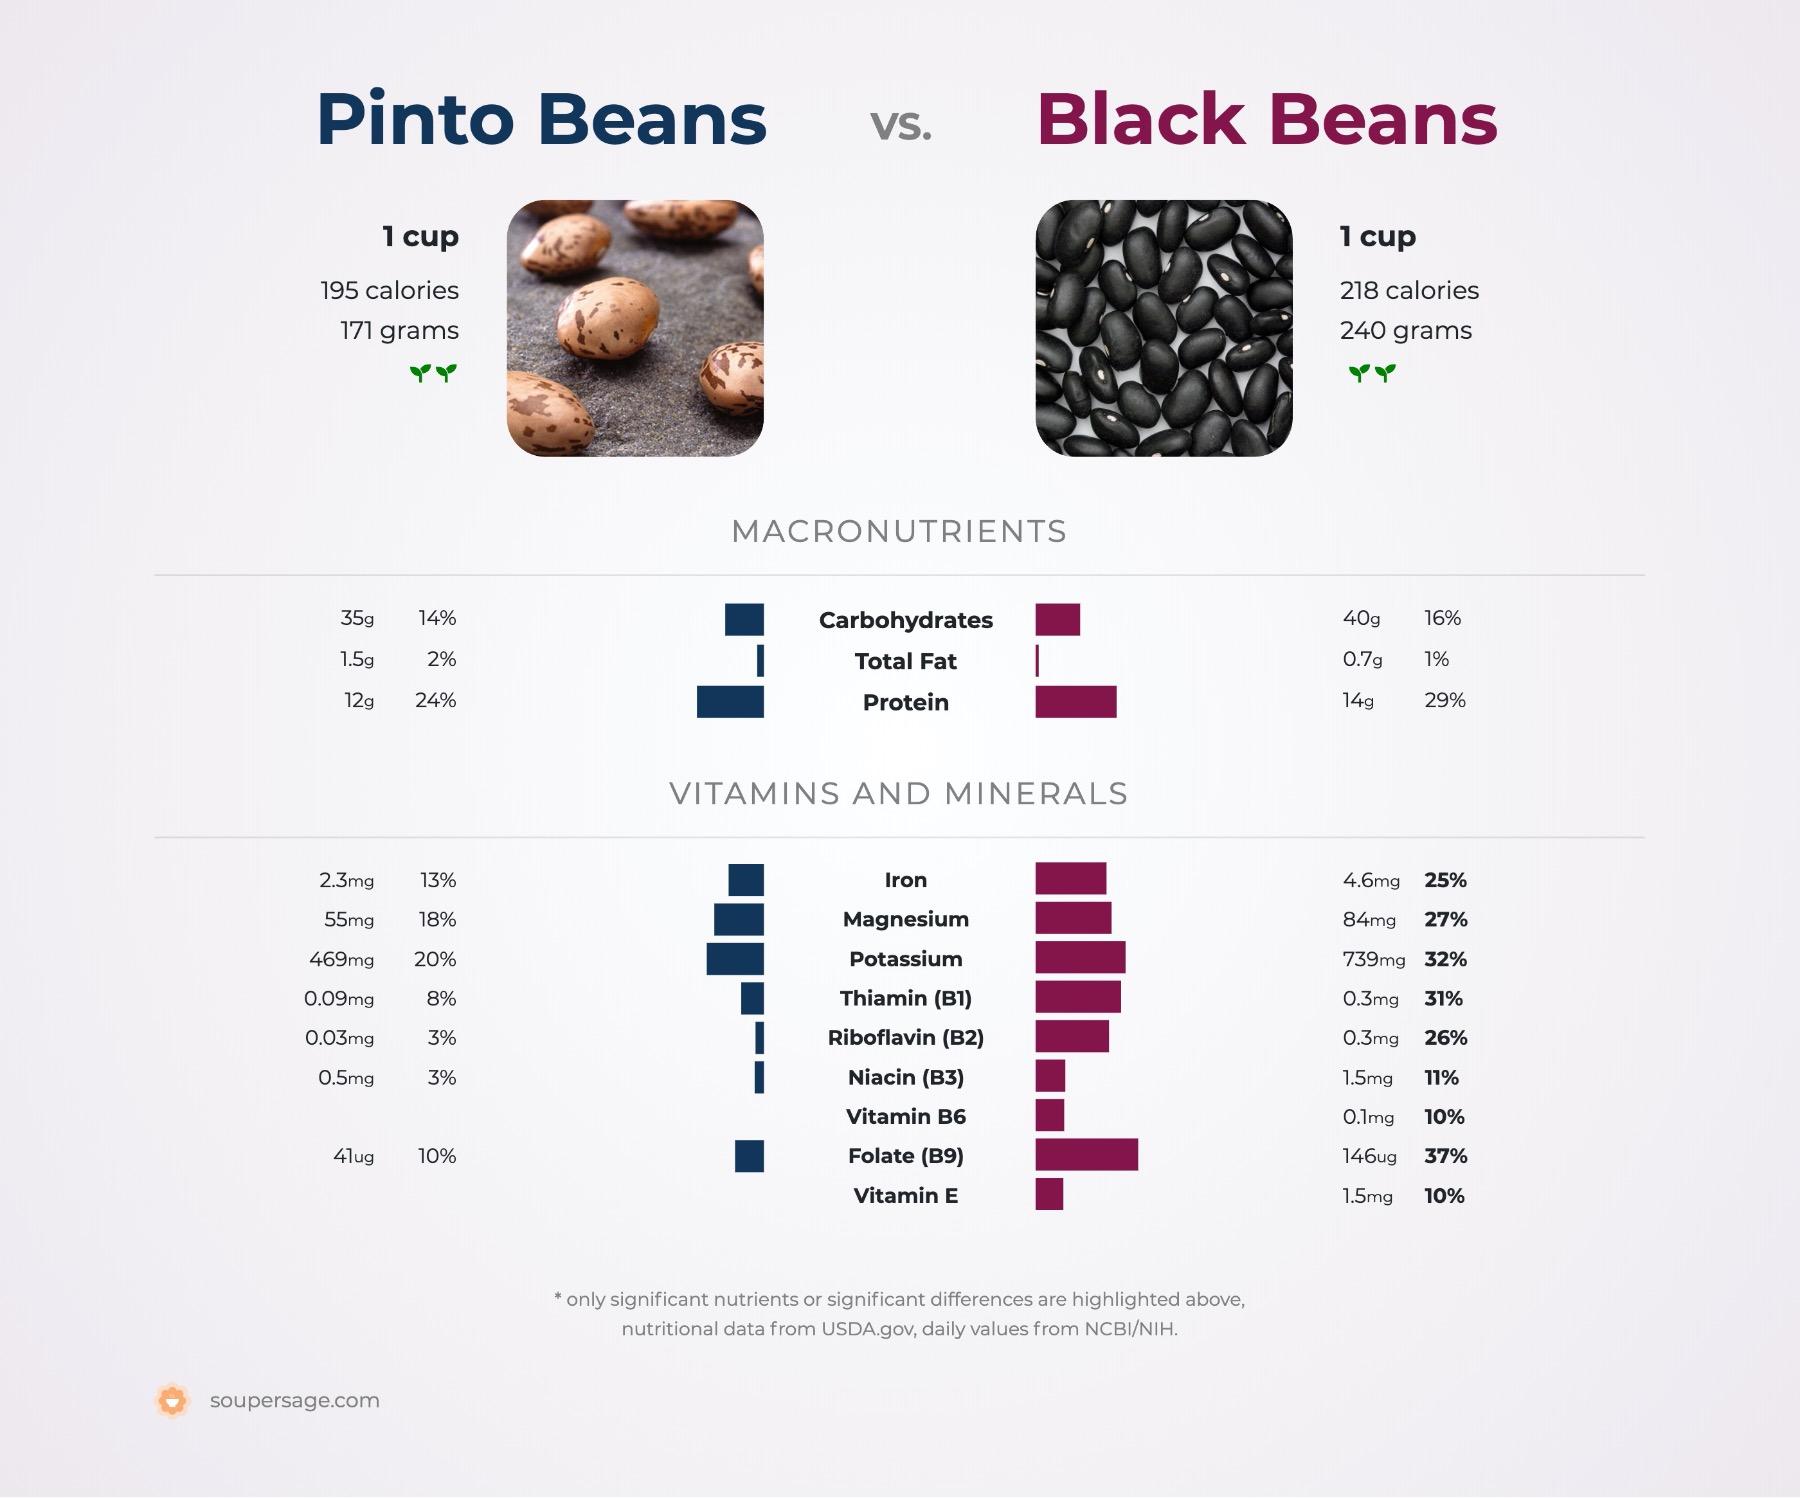 nutrition comparison of black beans vs. pinto beans